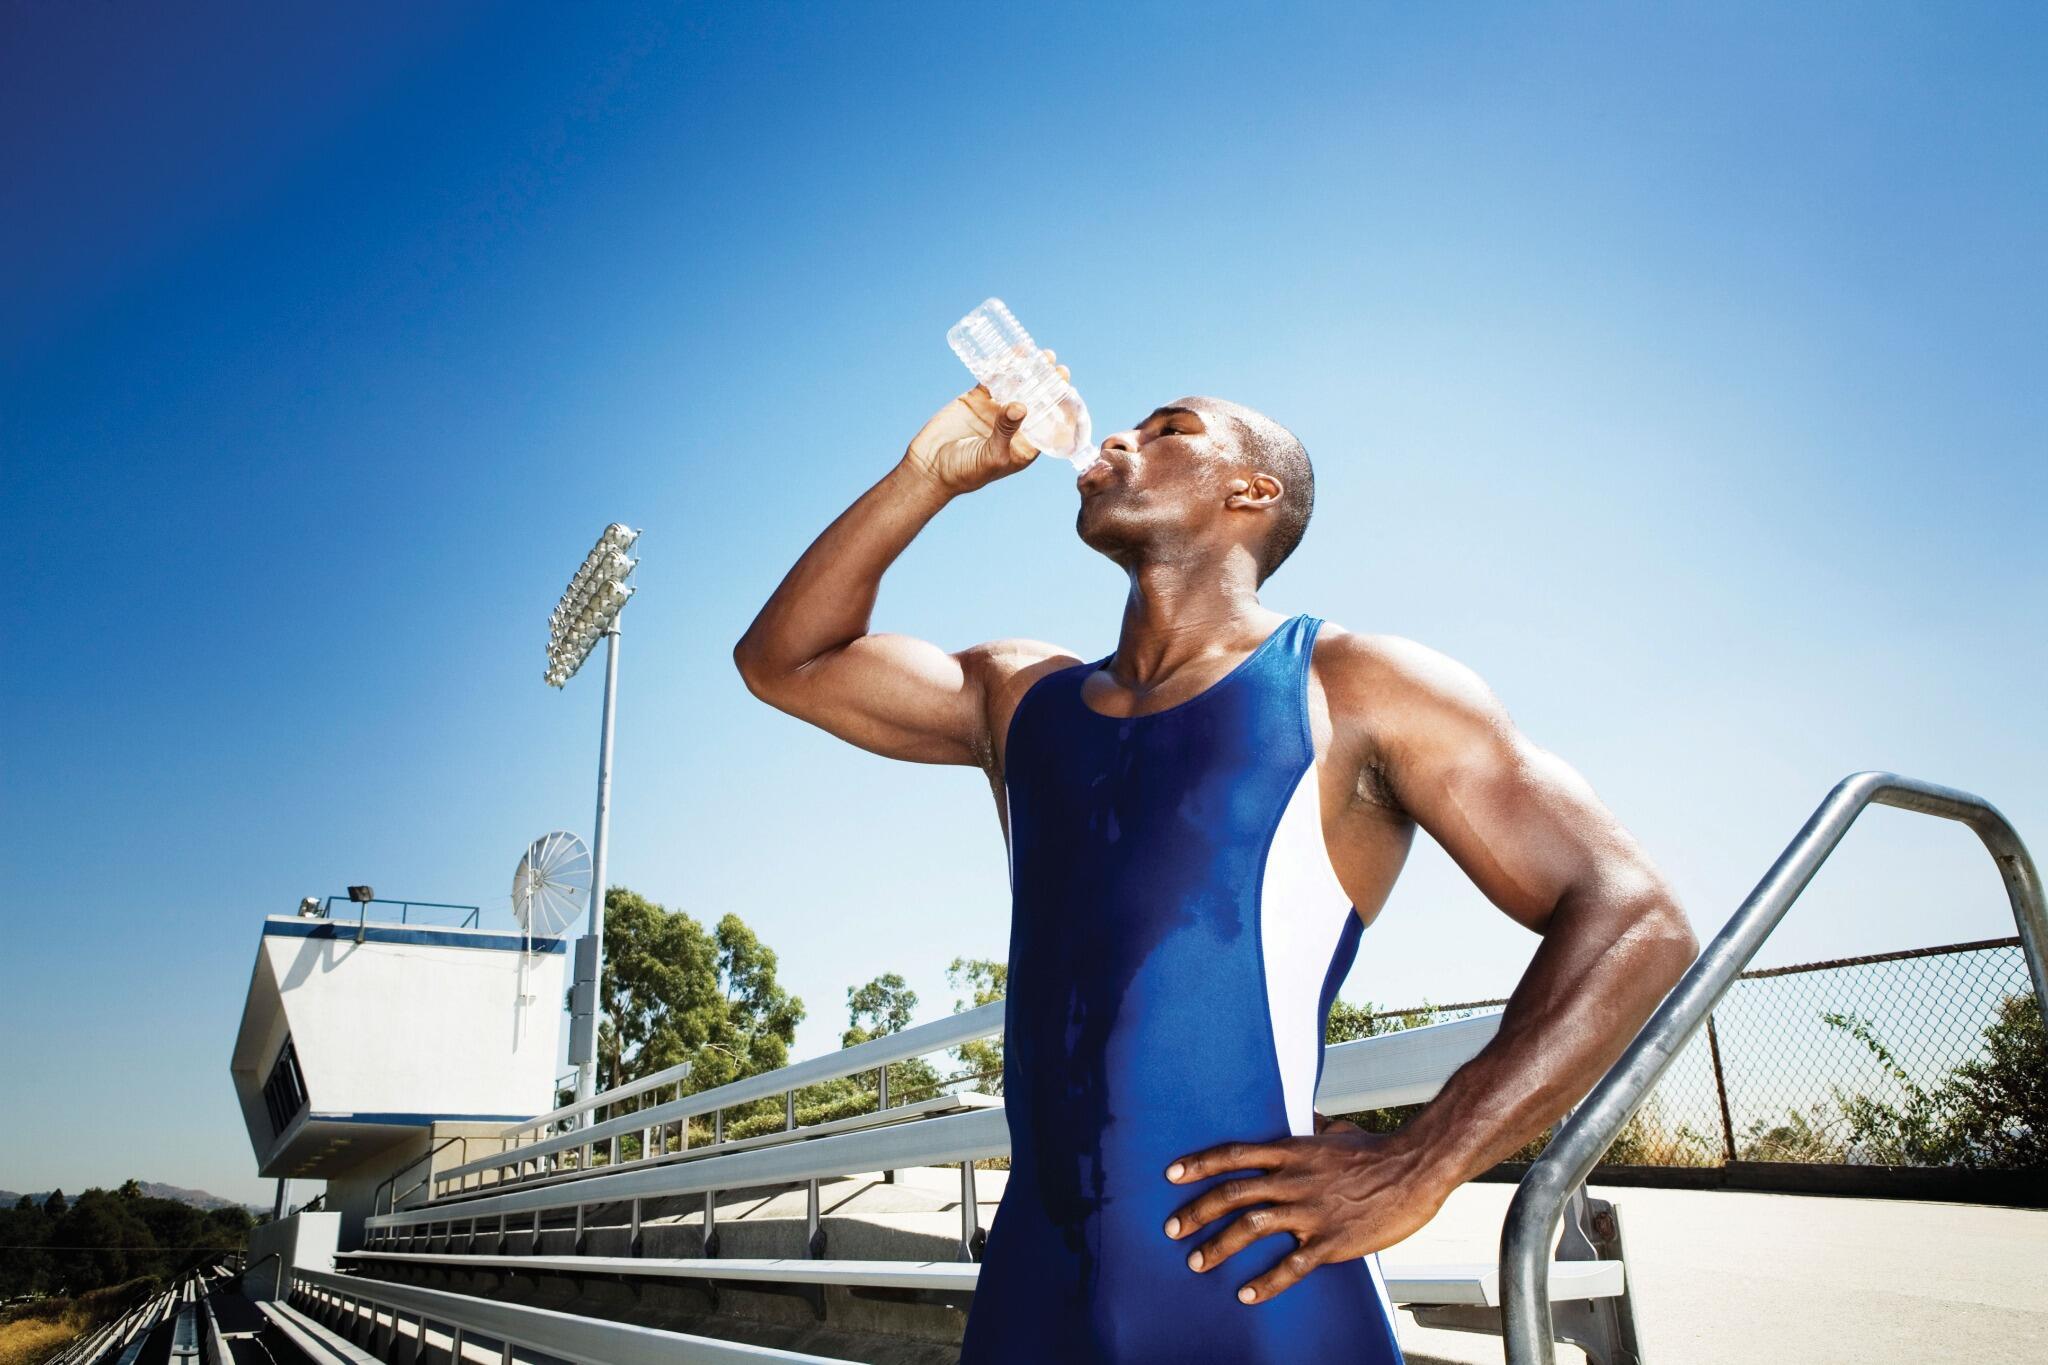 результате вода для спортсменов фото будем присылать